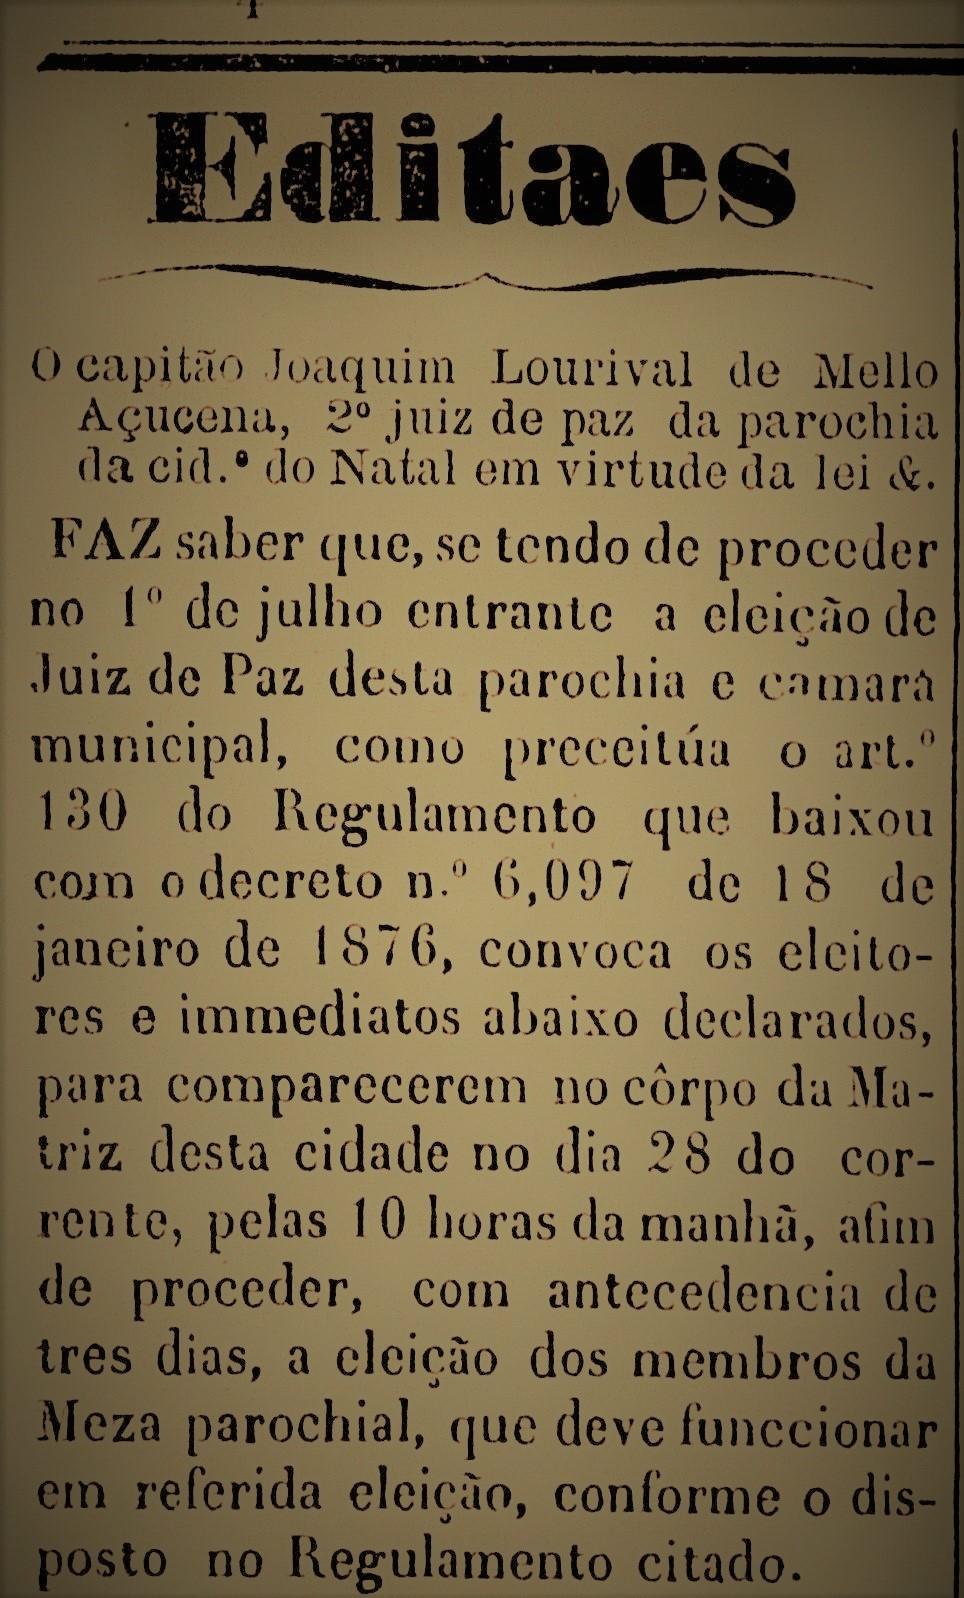 1880-10-06 (2) - Copia